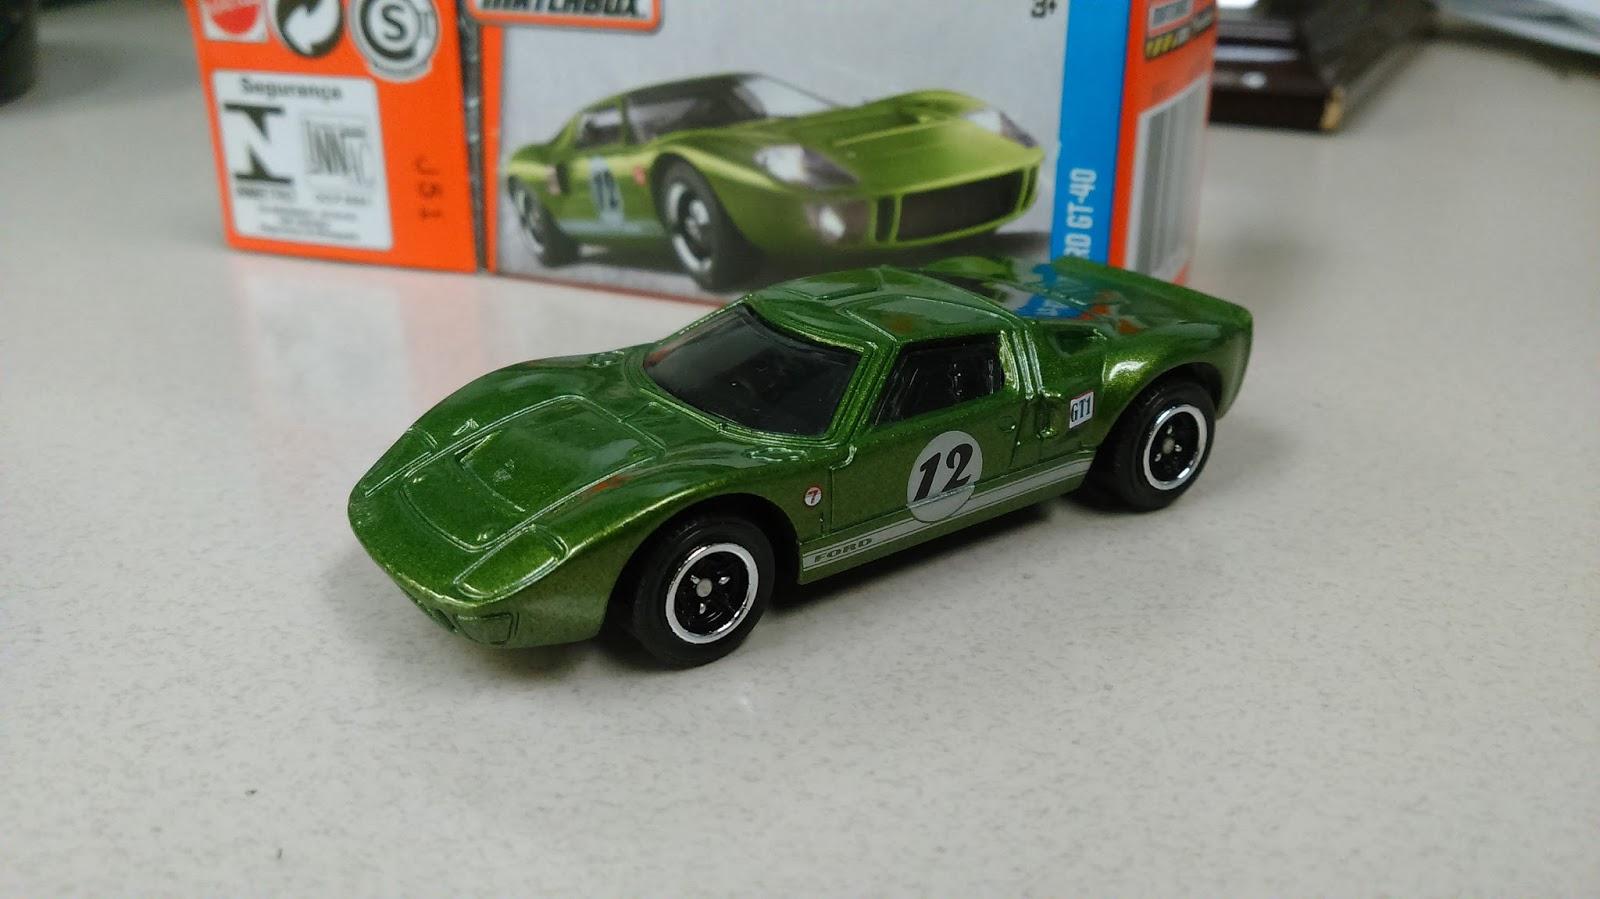 Matchbox Ford Gt  Green